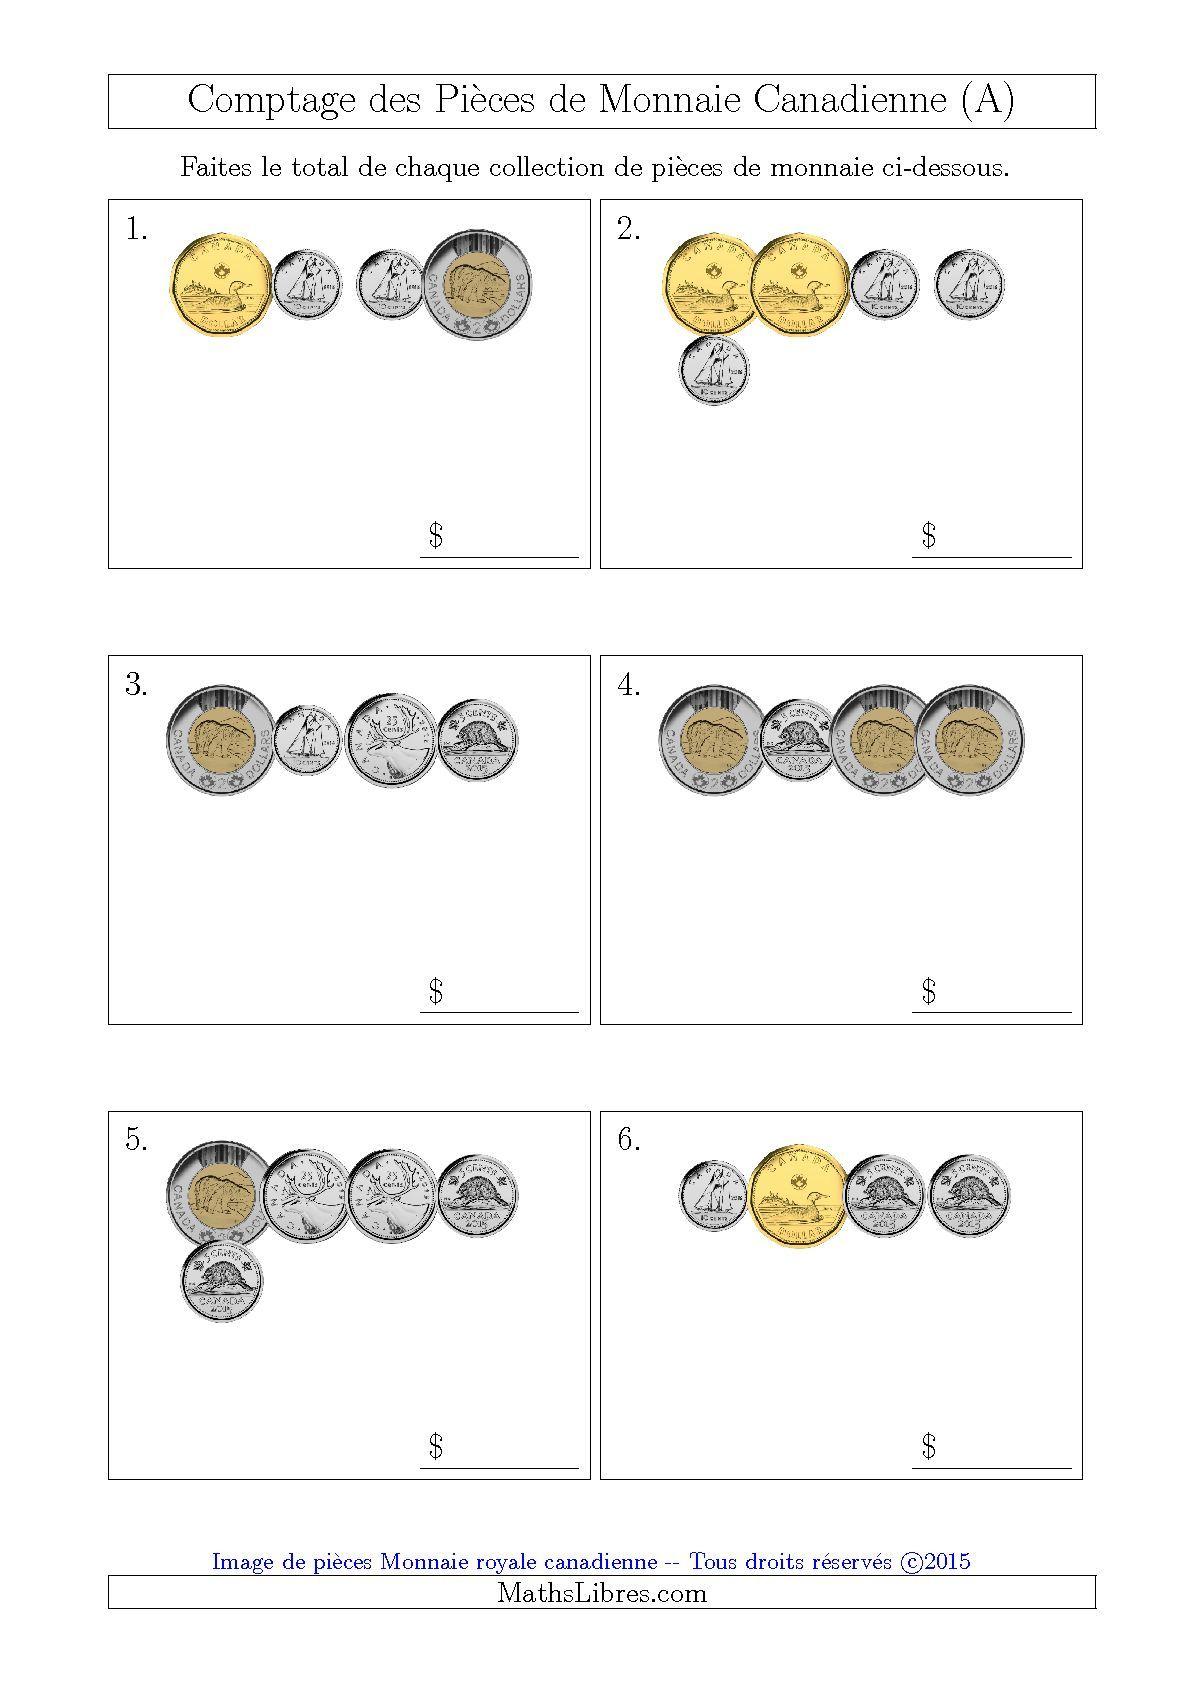 La Fiche D Exercices De Maths Comptage Des Pieces De Monnaie Cana Nne Petites Collections